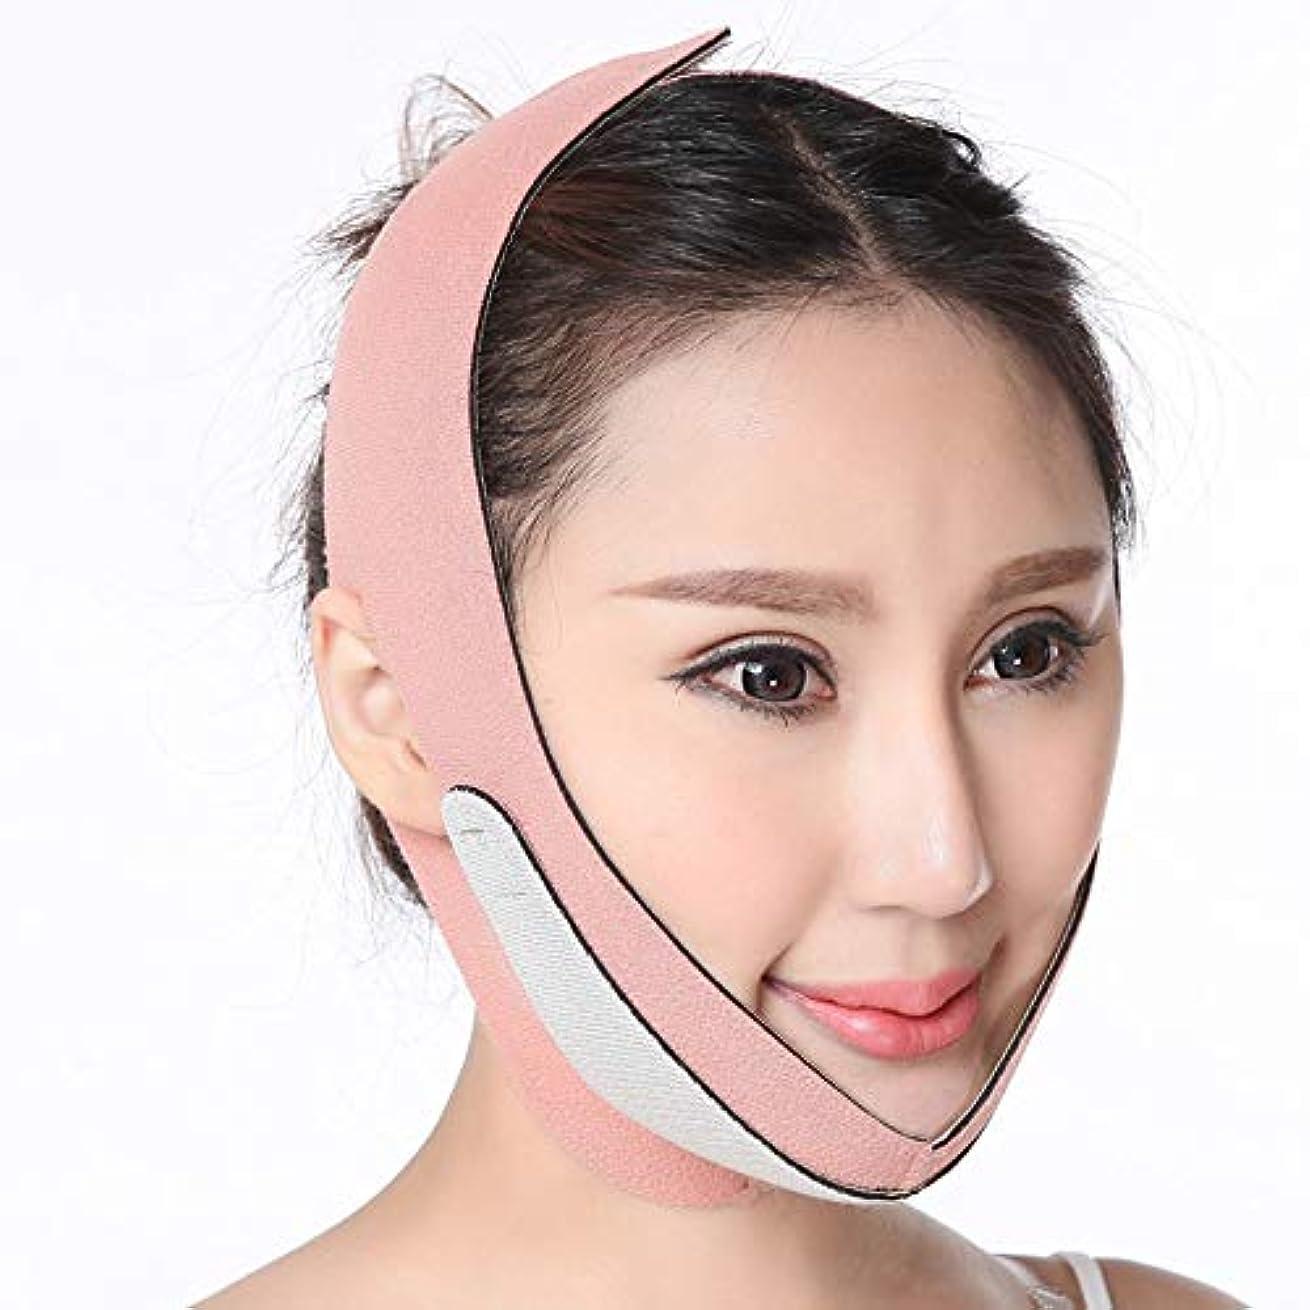 密輸つぶやき品自宅で手軽にフェイスエステ!! 小顔補正ベルト 小顔マスク 豊齢線予防 小顔リフトアップベルト